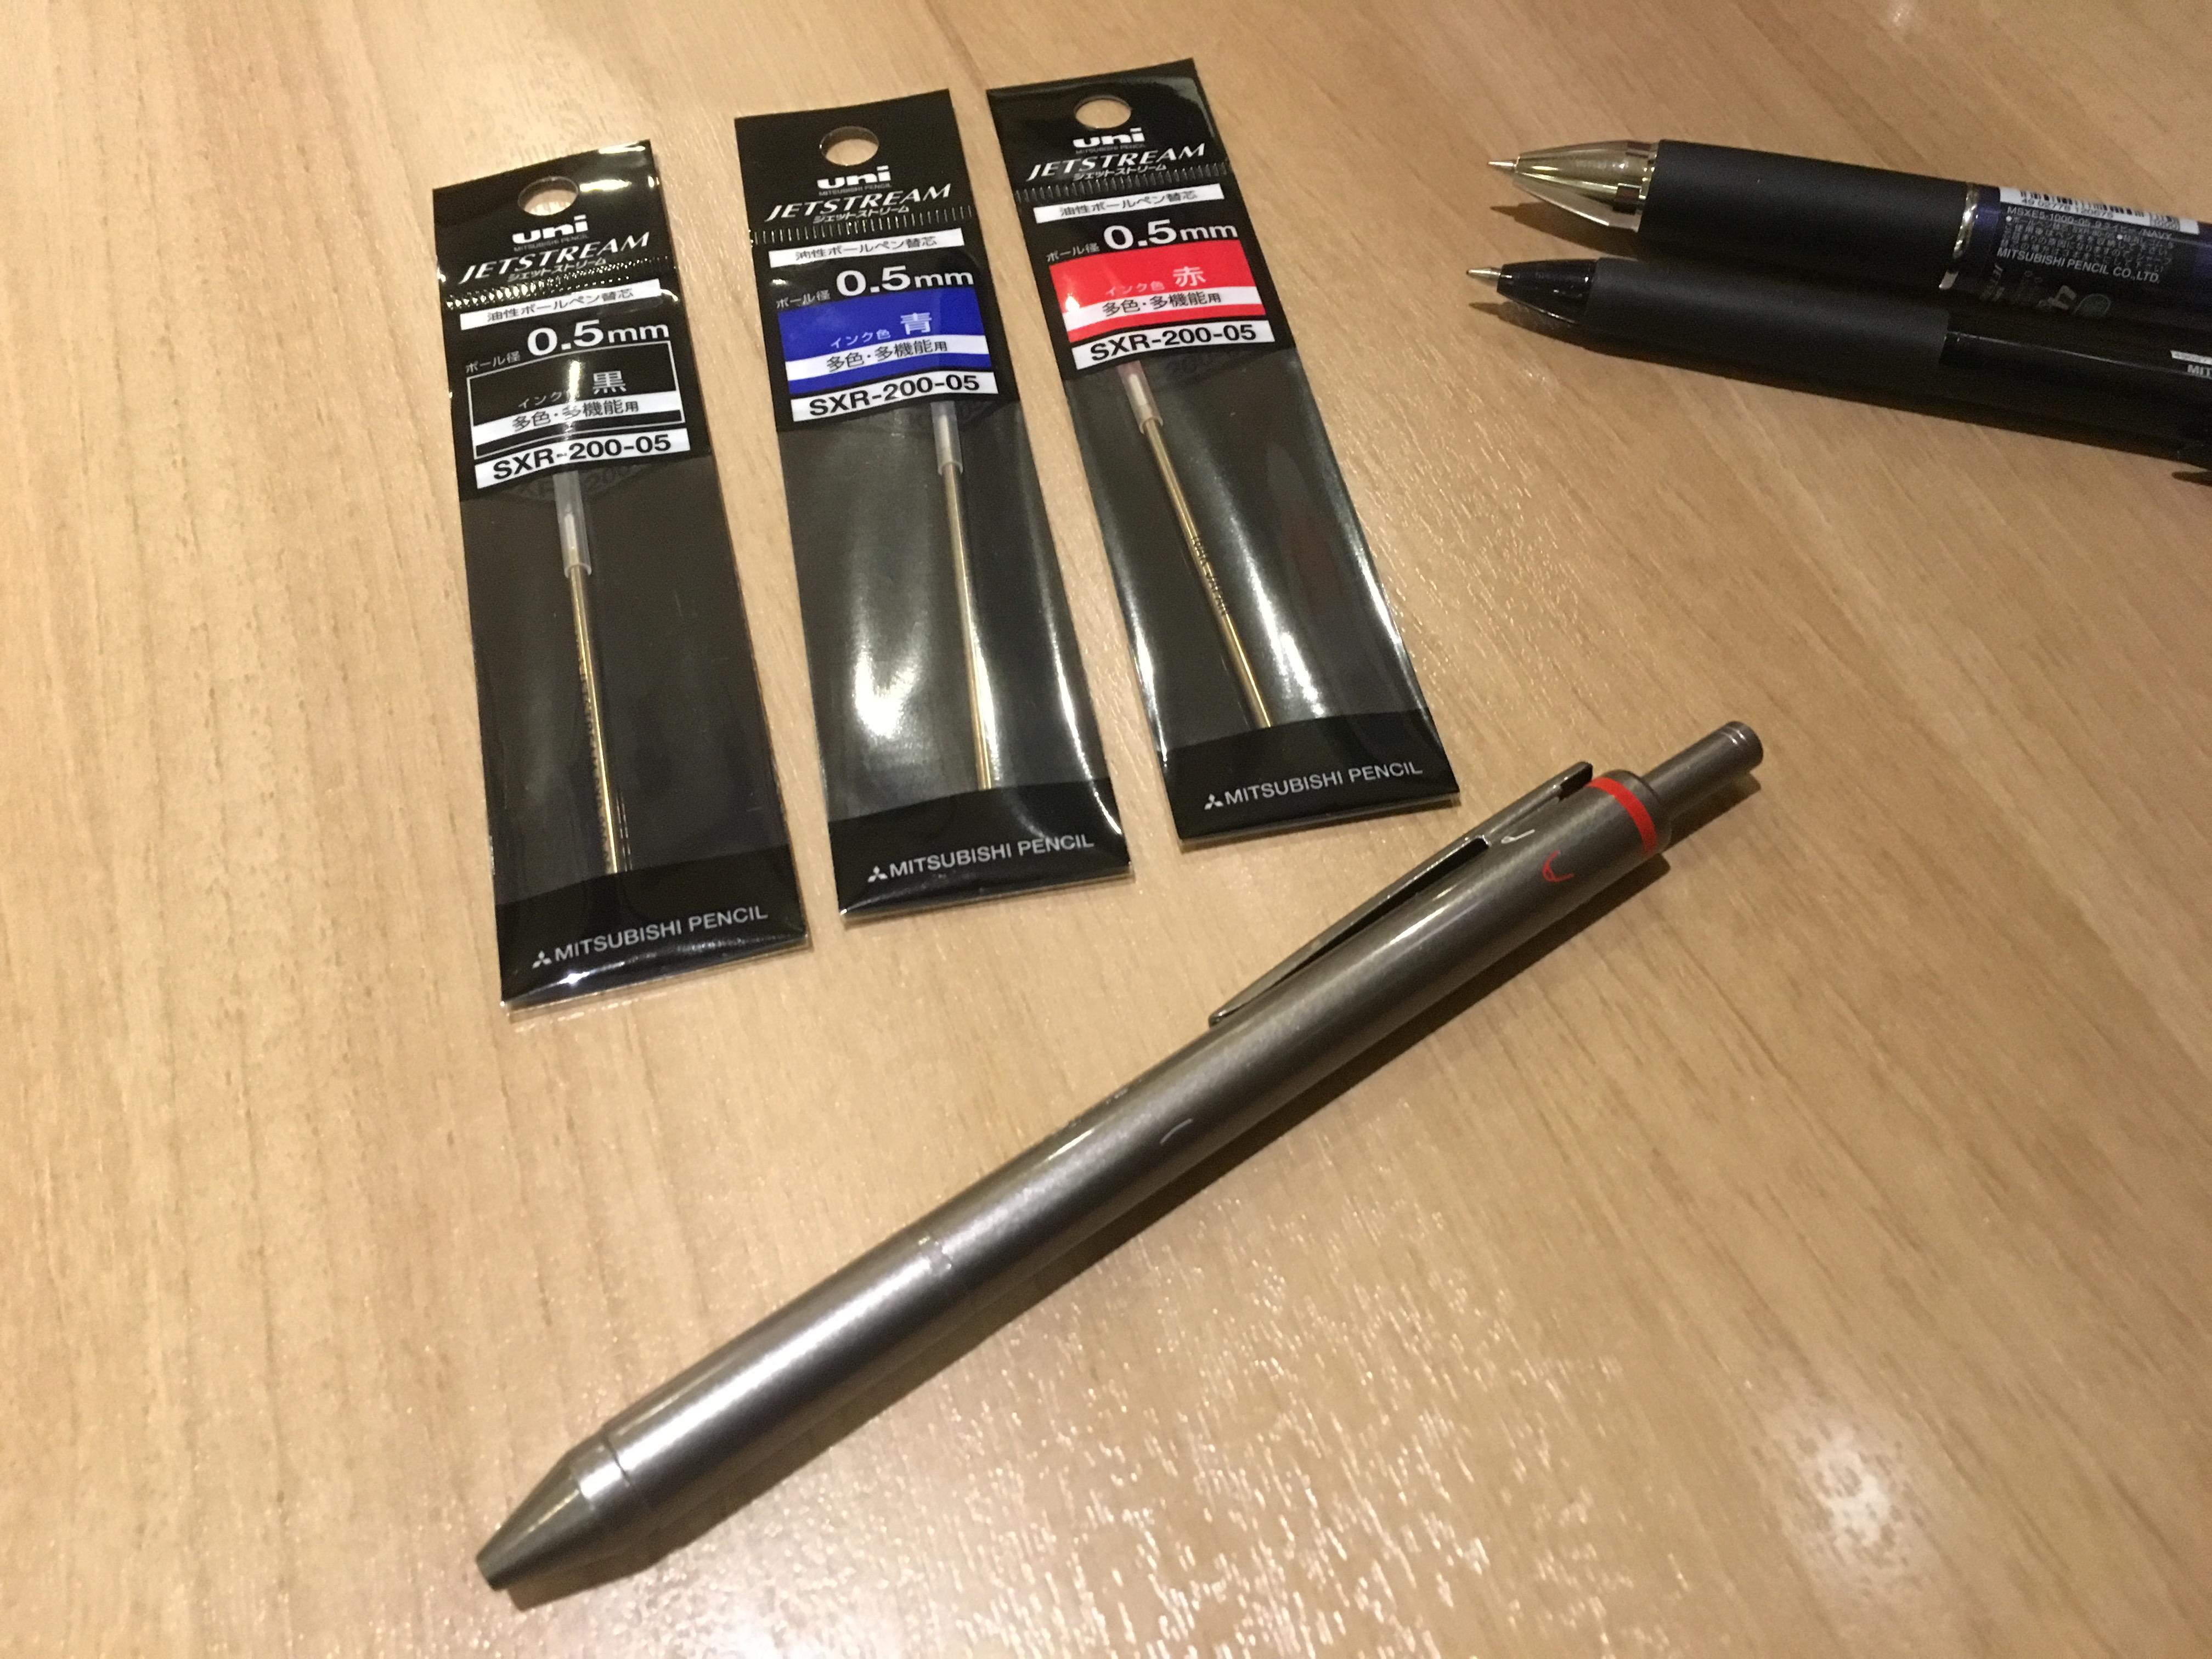 ロットリング4in1 x ジェットストリームで自分好みのカスタマイズペンを作る